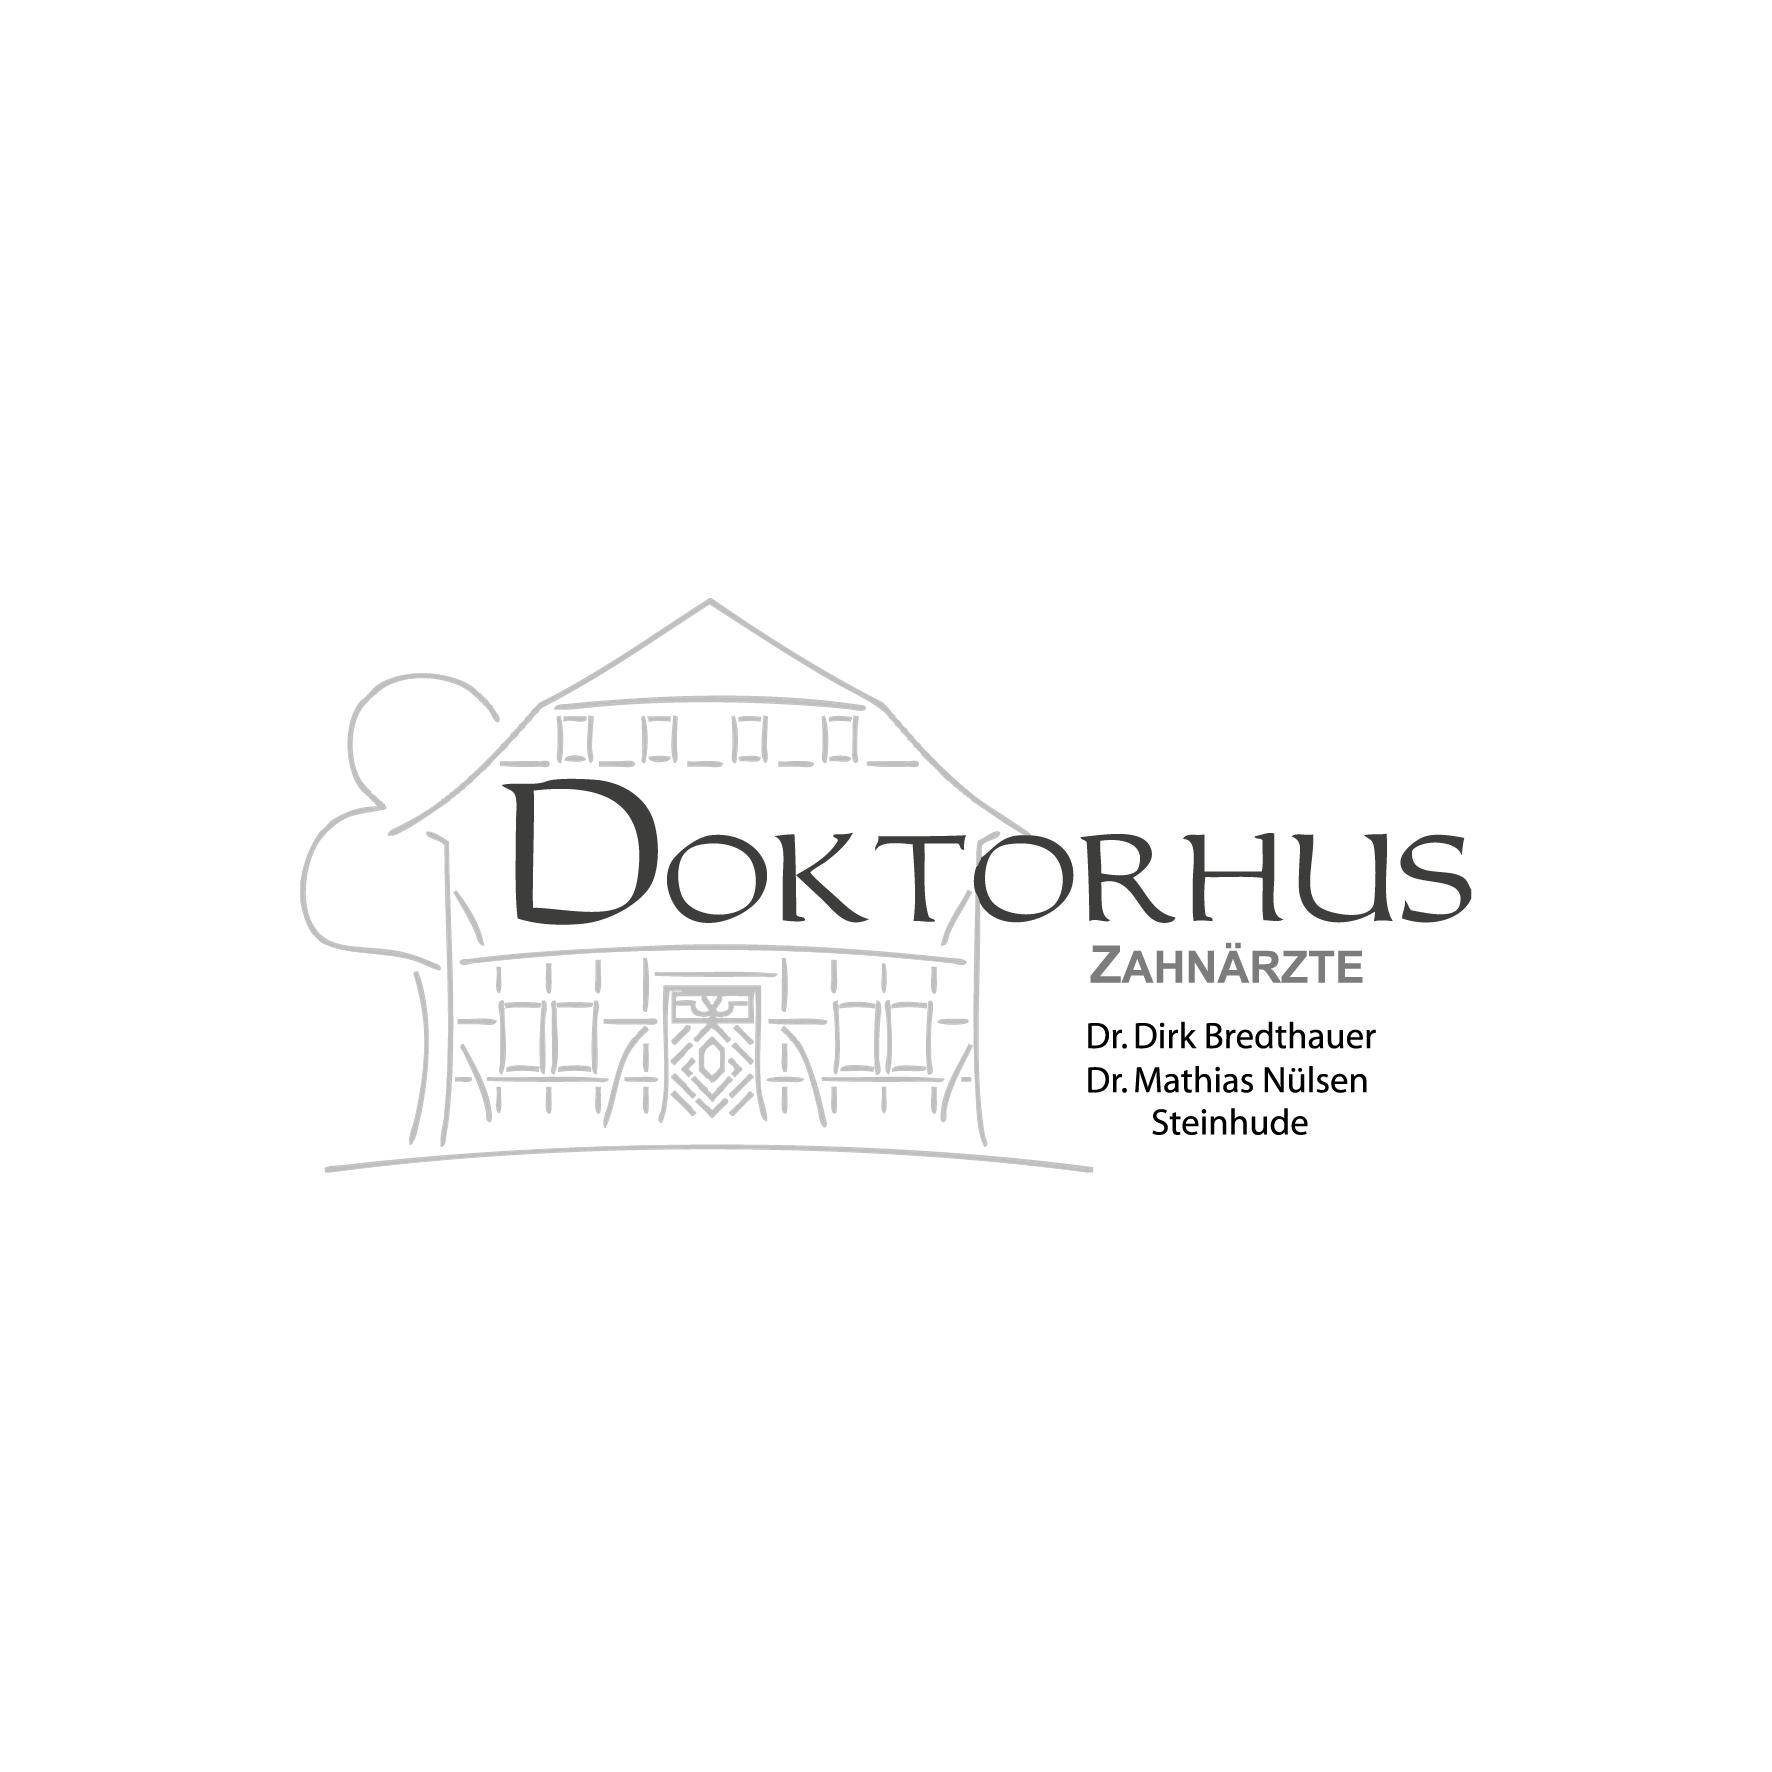 Zahnärztliche Gemeinschaftspraxis Dr. Bredthauer und Dr. Nülsen